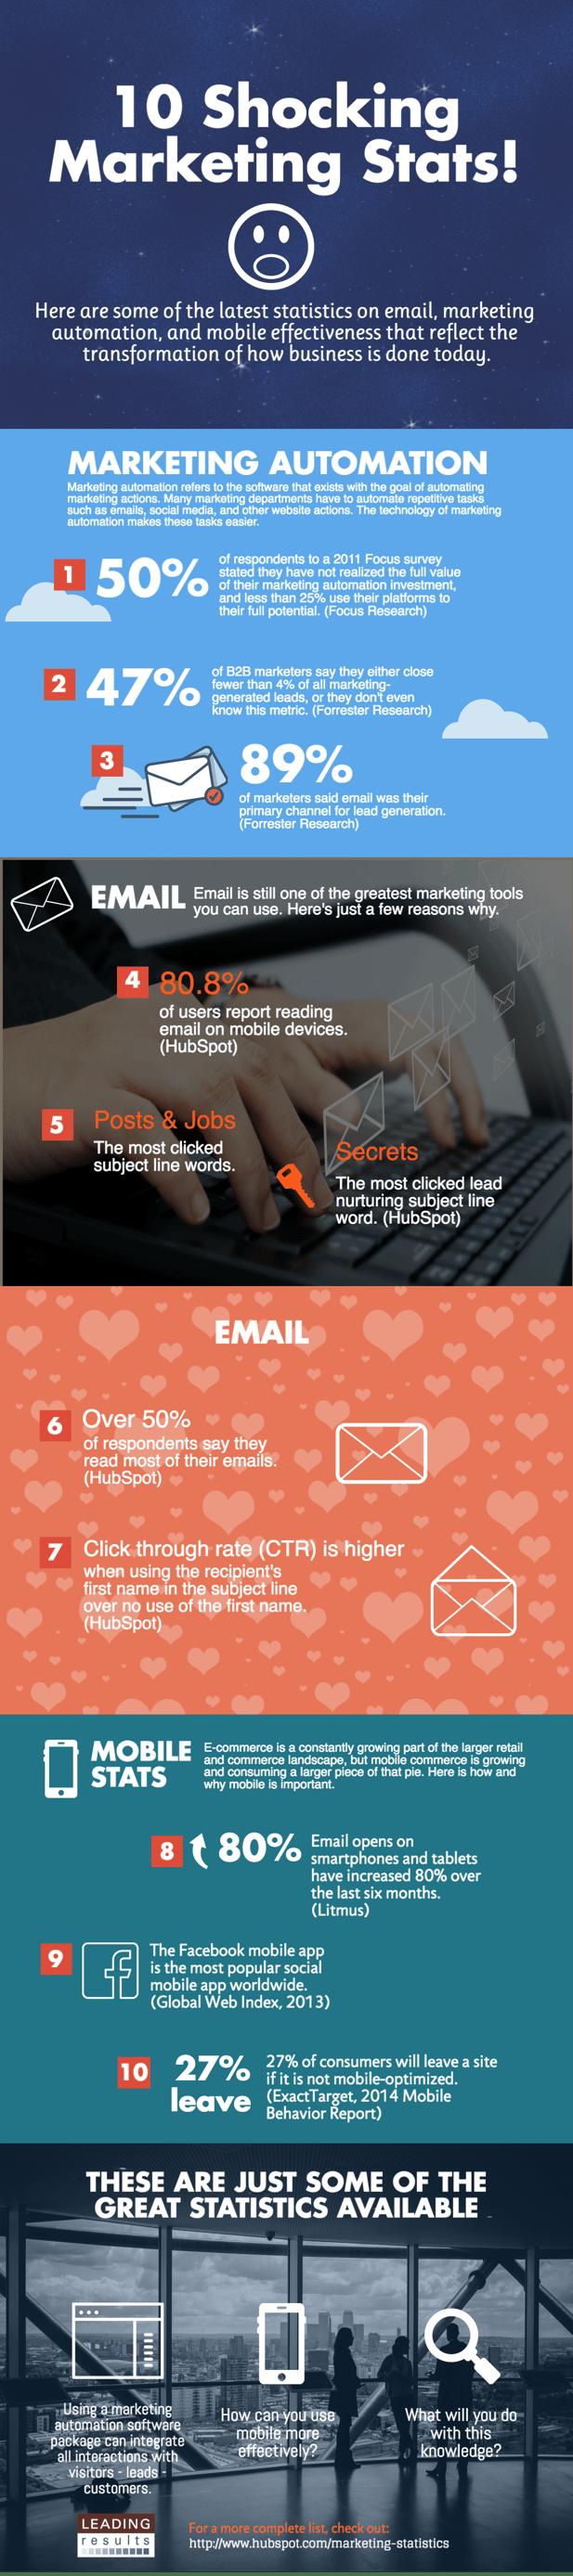 10-shocking-marketing-stats.png